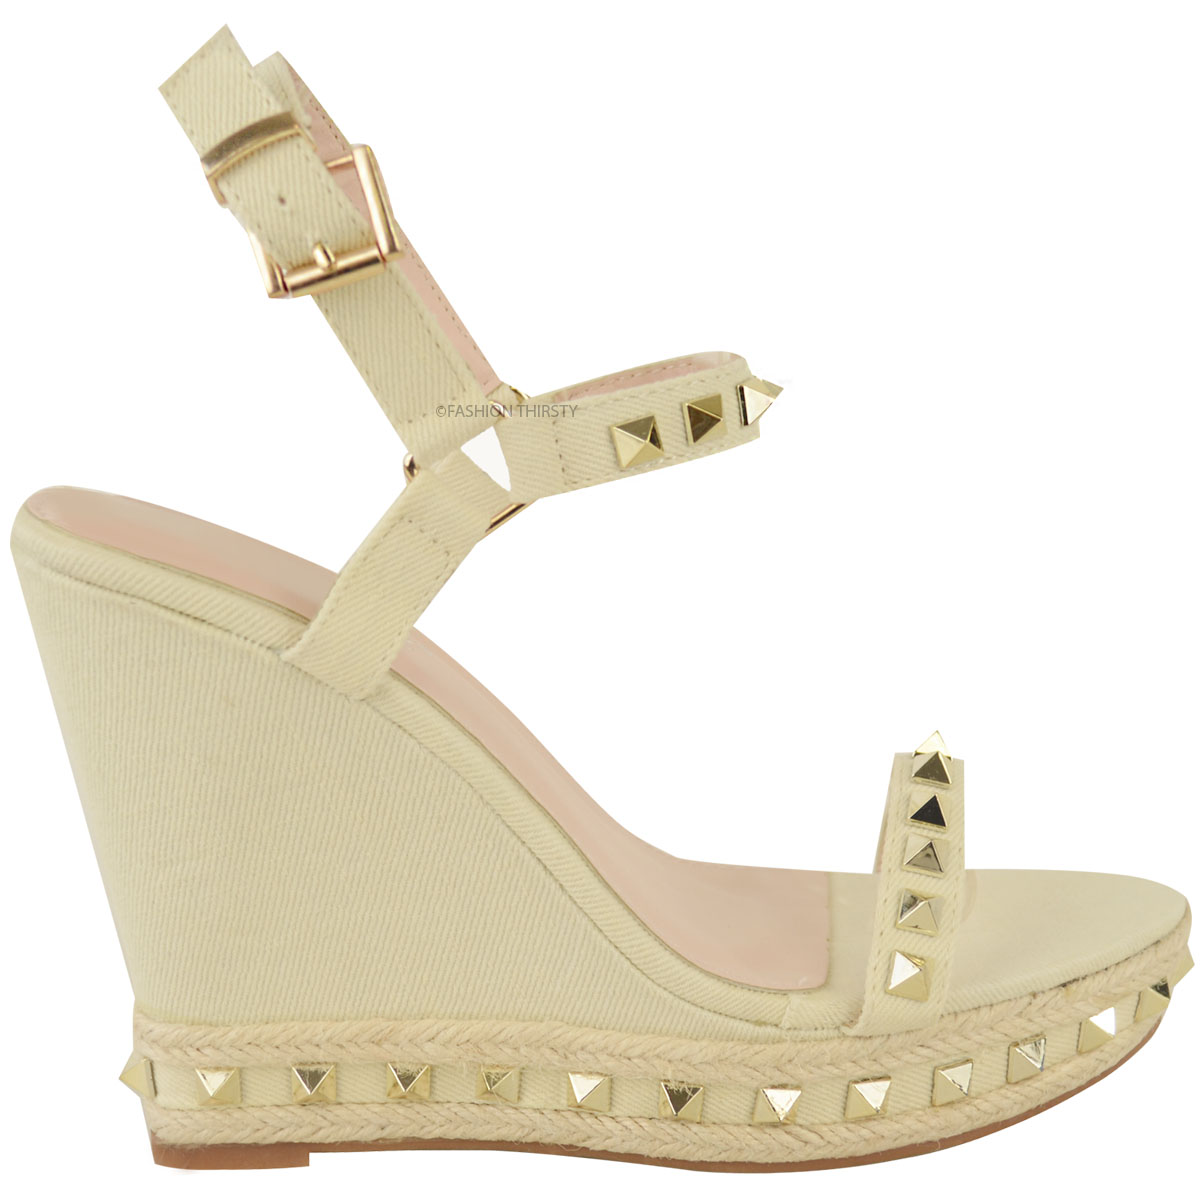 3266dafa61 Womens Ladies Studded Wedge Sandals Strappy Platforms Denim Summer ...